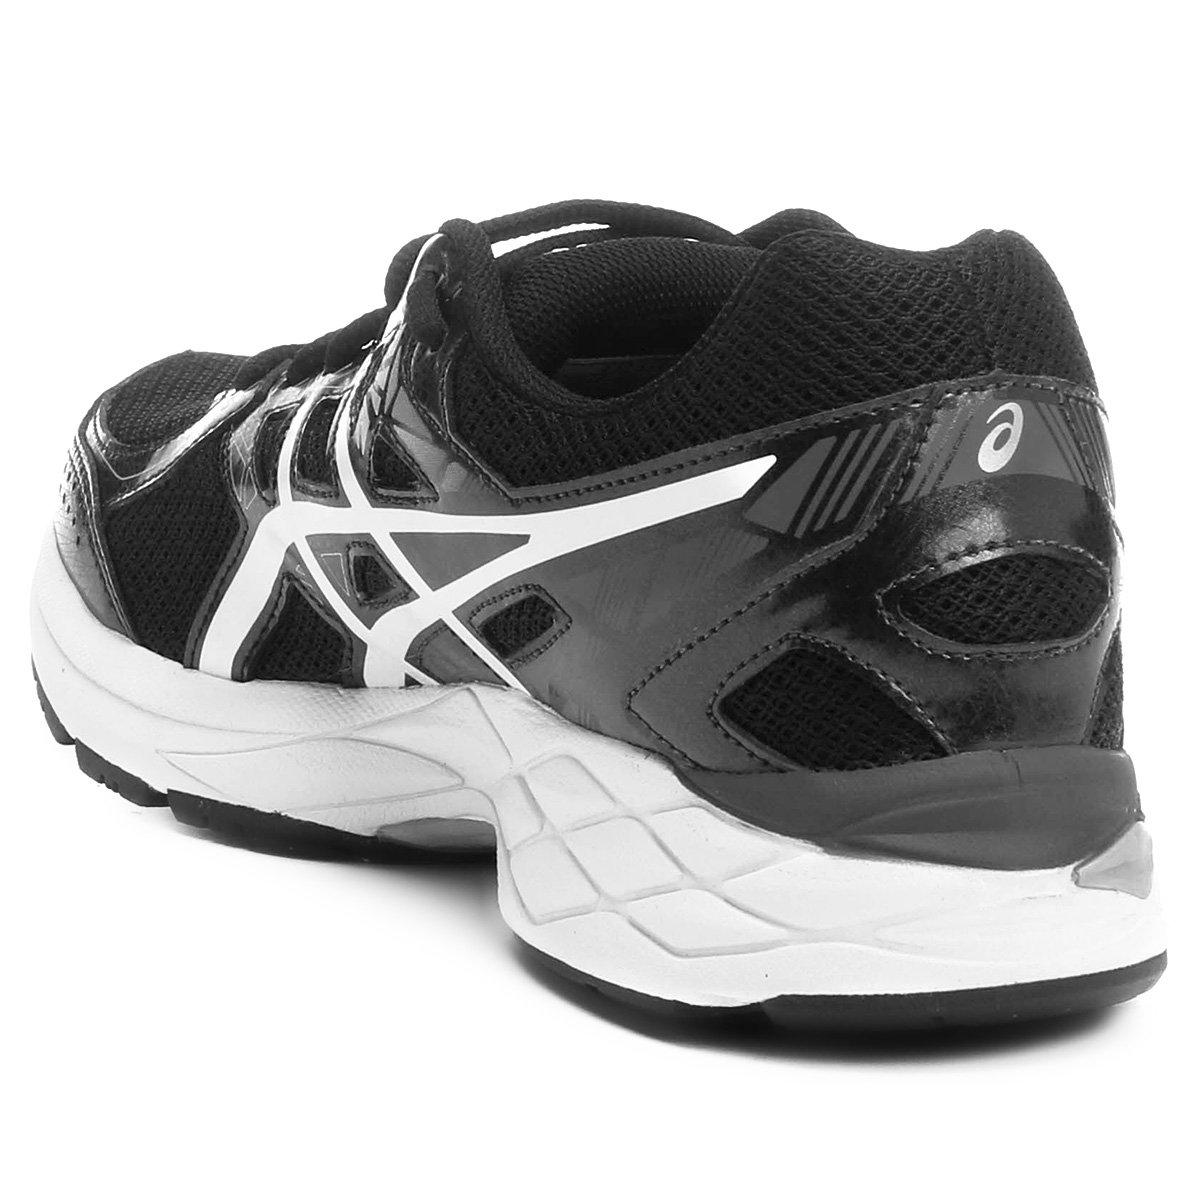 Tênis Asics Gel Exalt 3 A Masculino - Preto e Branco - Compre Agora ... 9c022c5c8c761